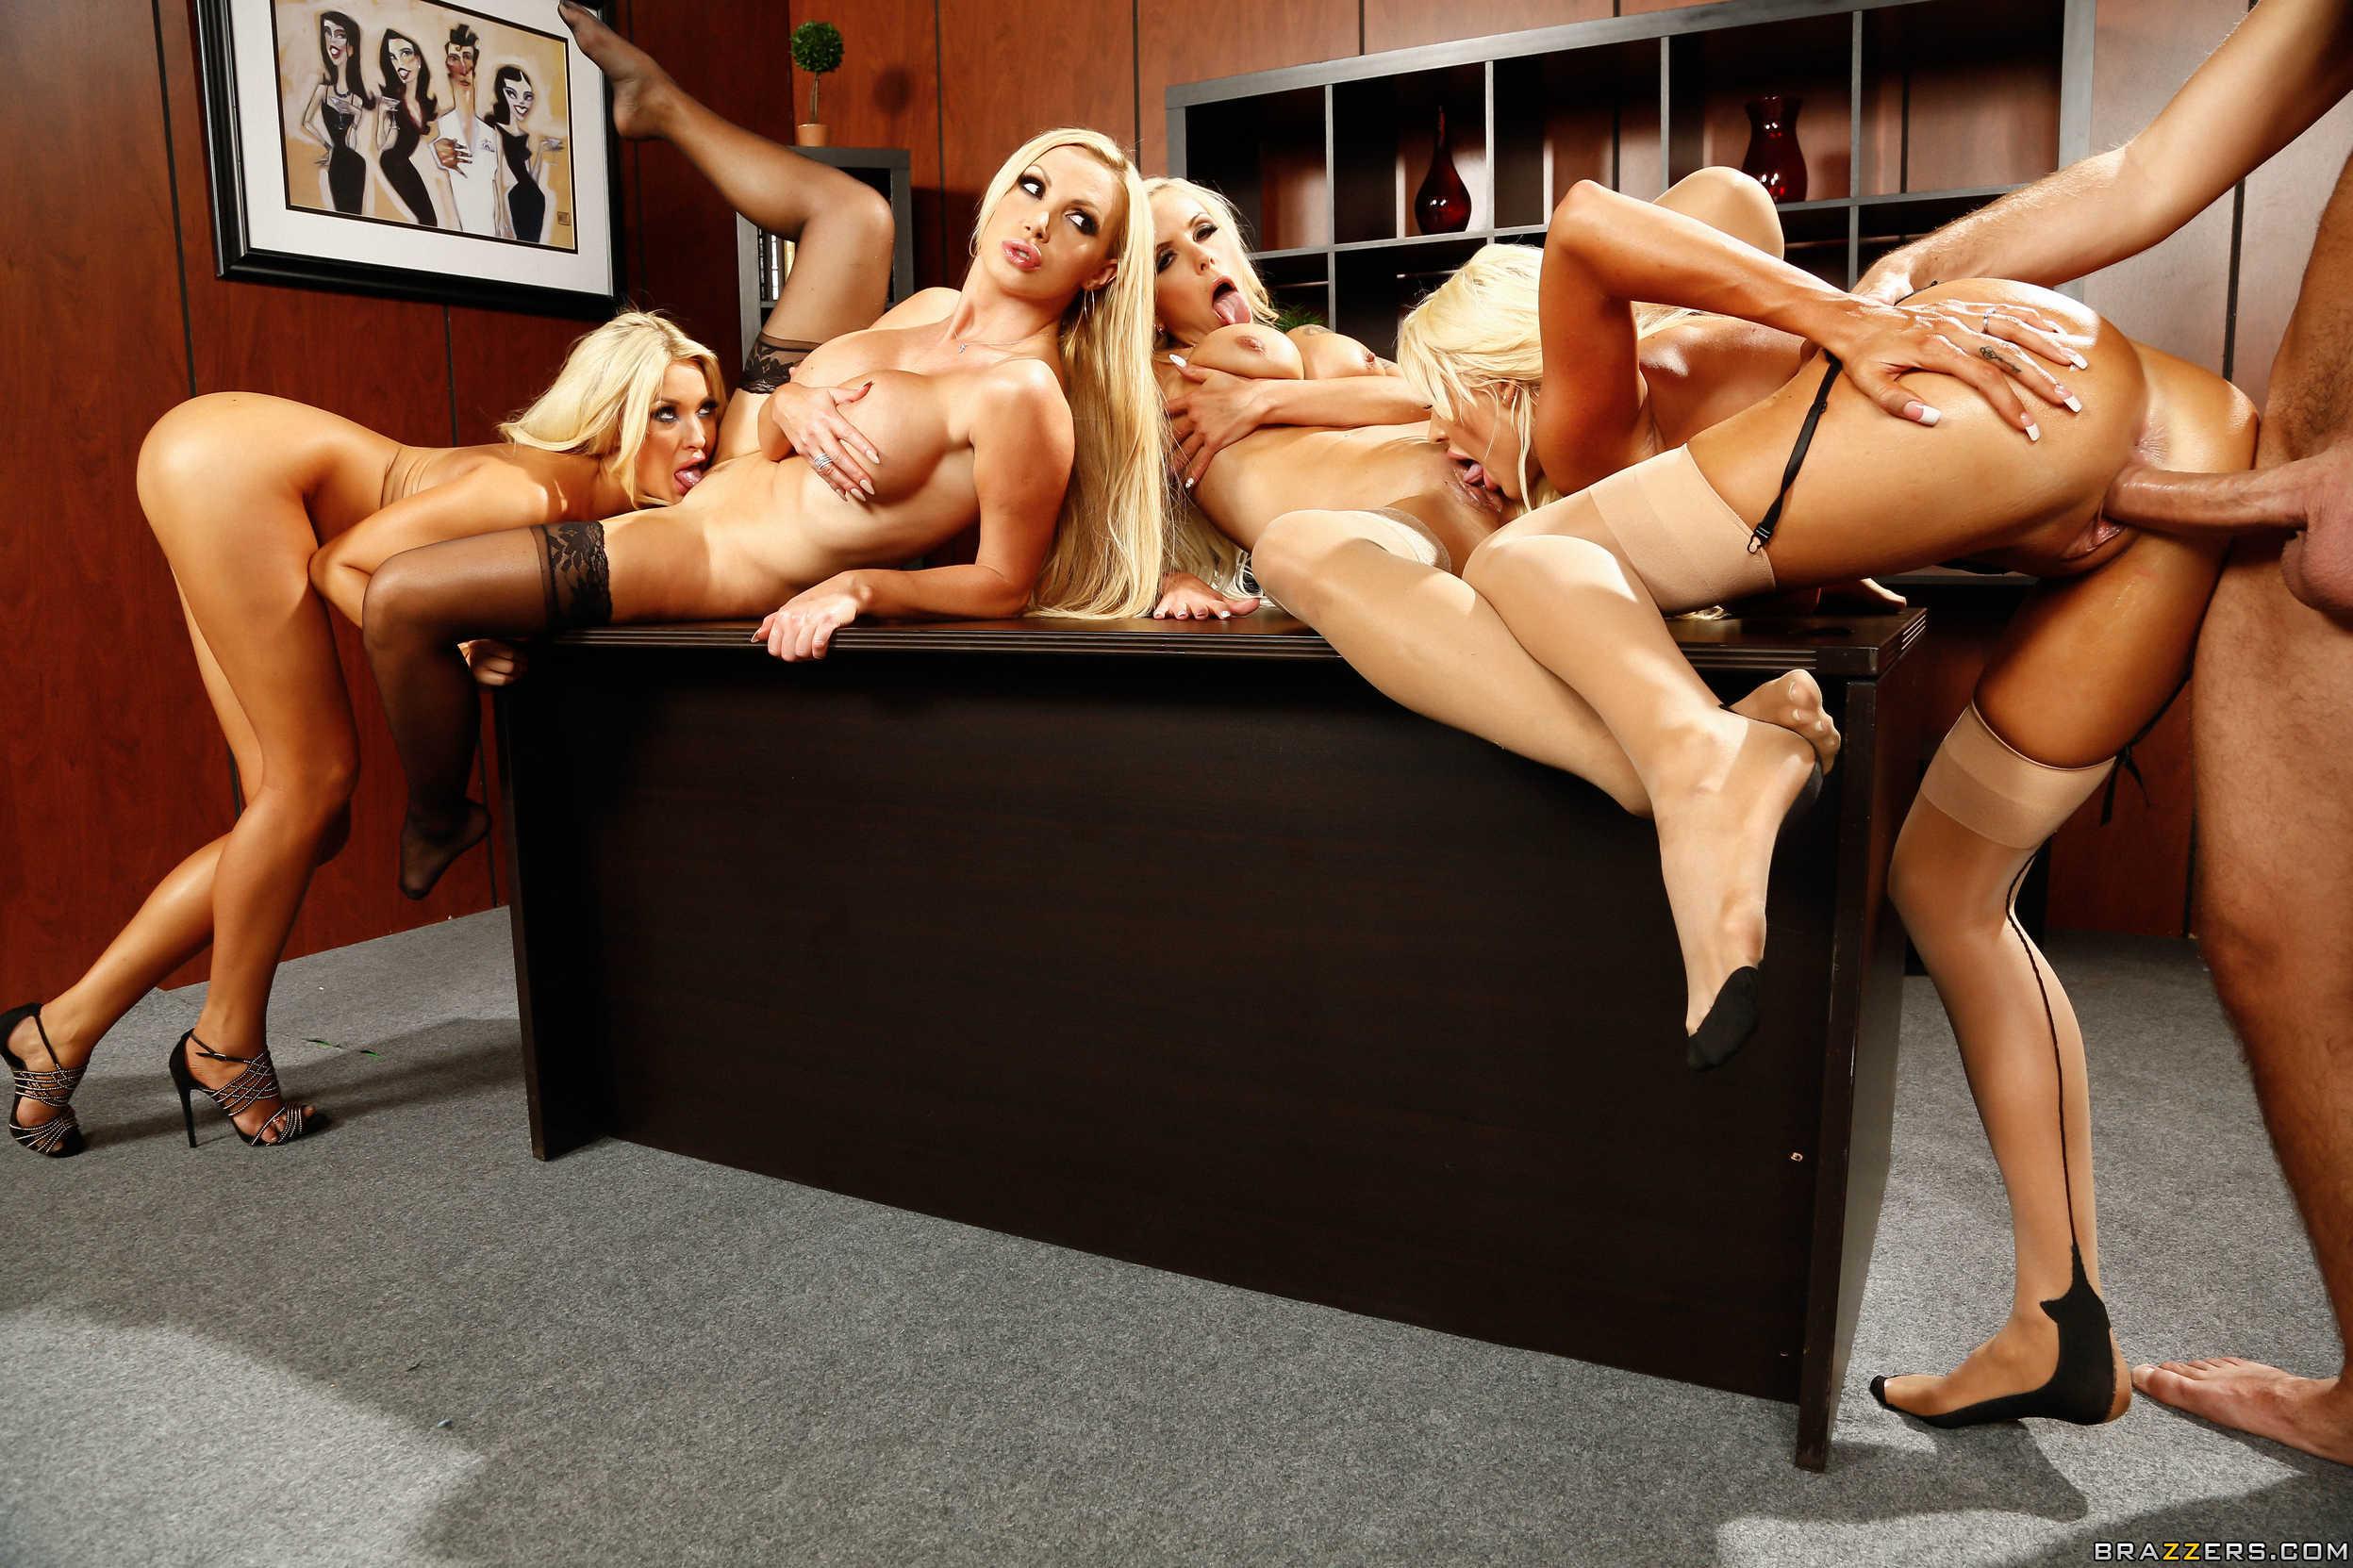 Был, грубое порно в офисе обнаружила